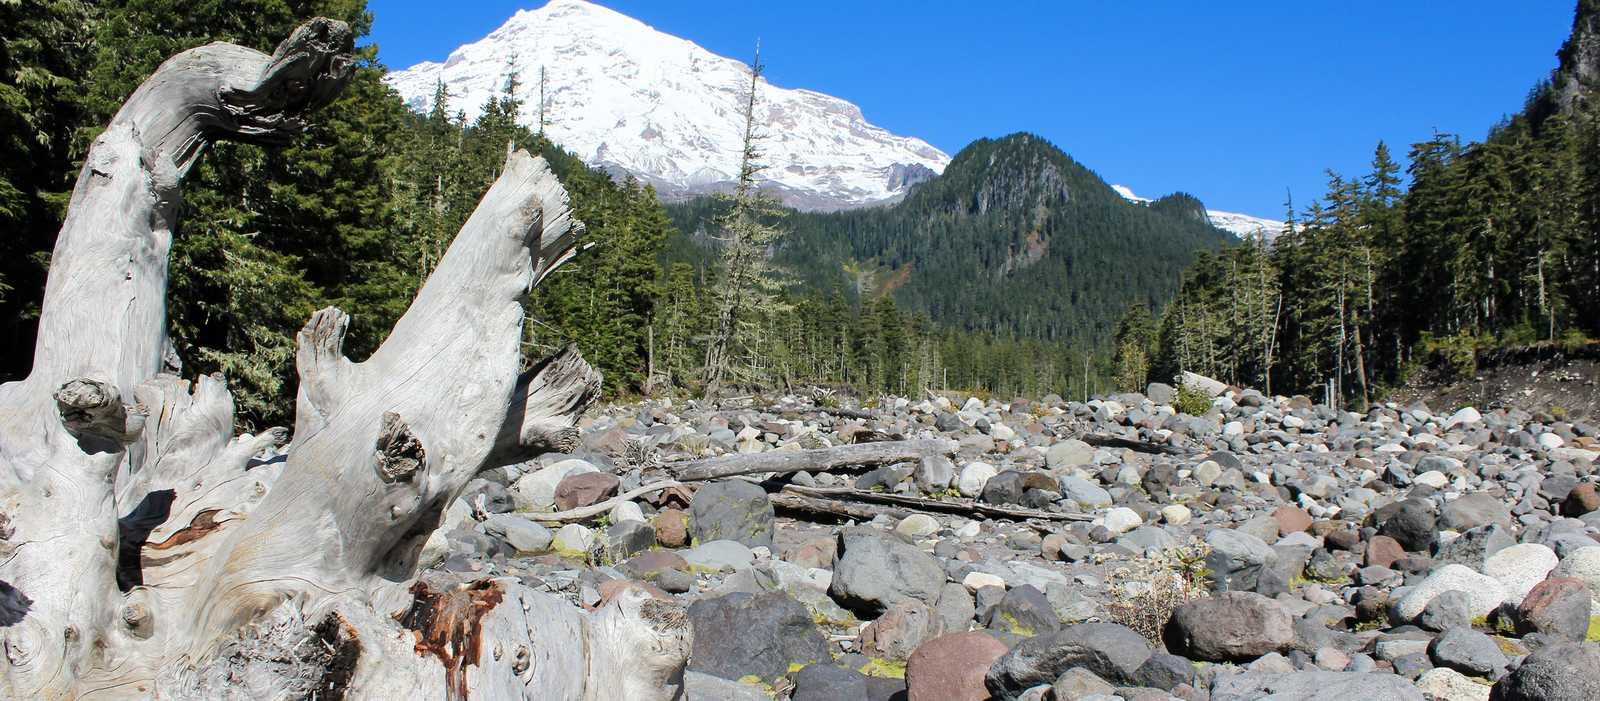 Blick auf den Mount Rainier